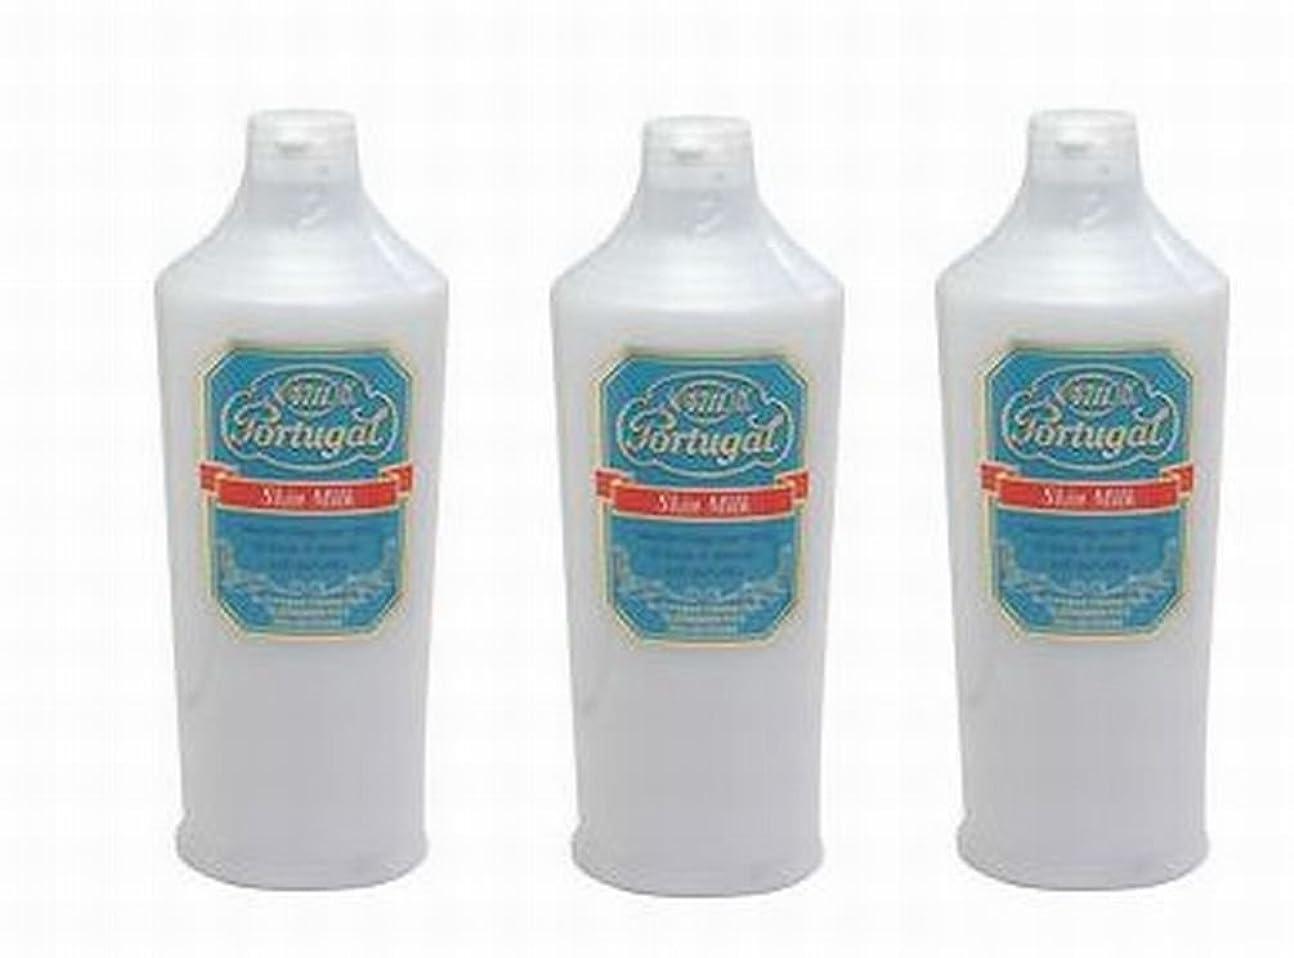 砂利安定エリート4711 ポーチュガルスキンミルク 500ml×3本セット